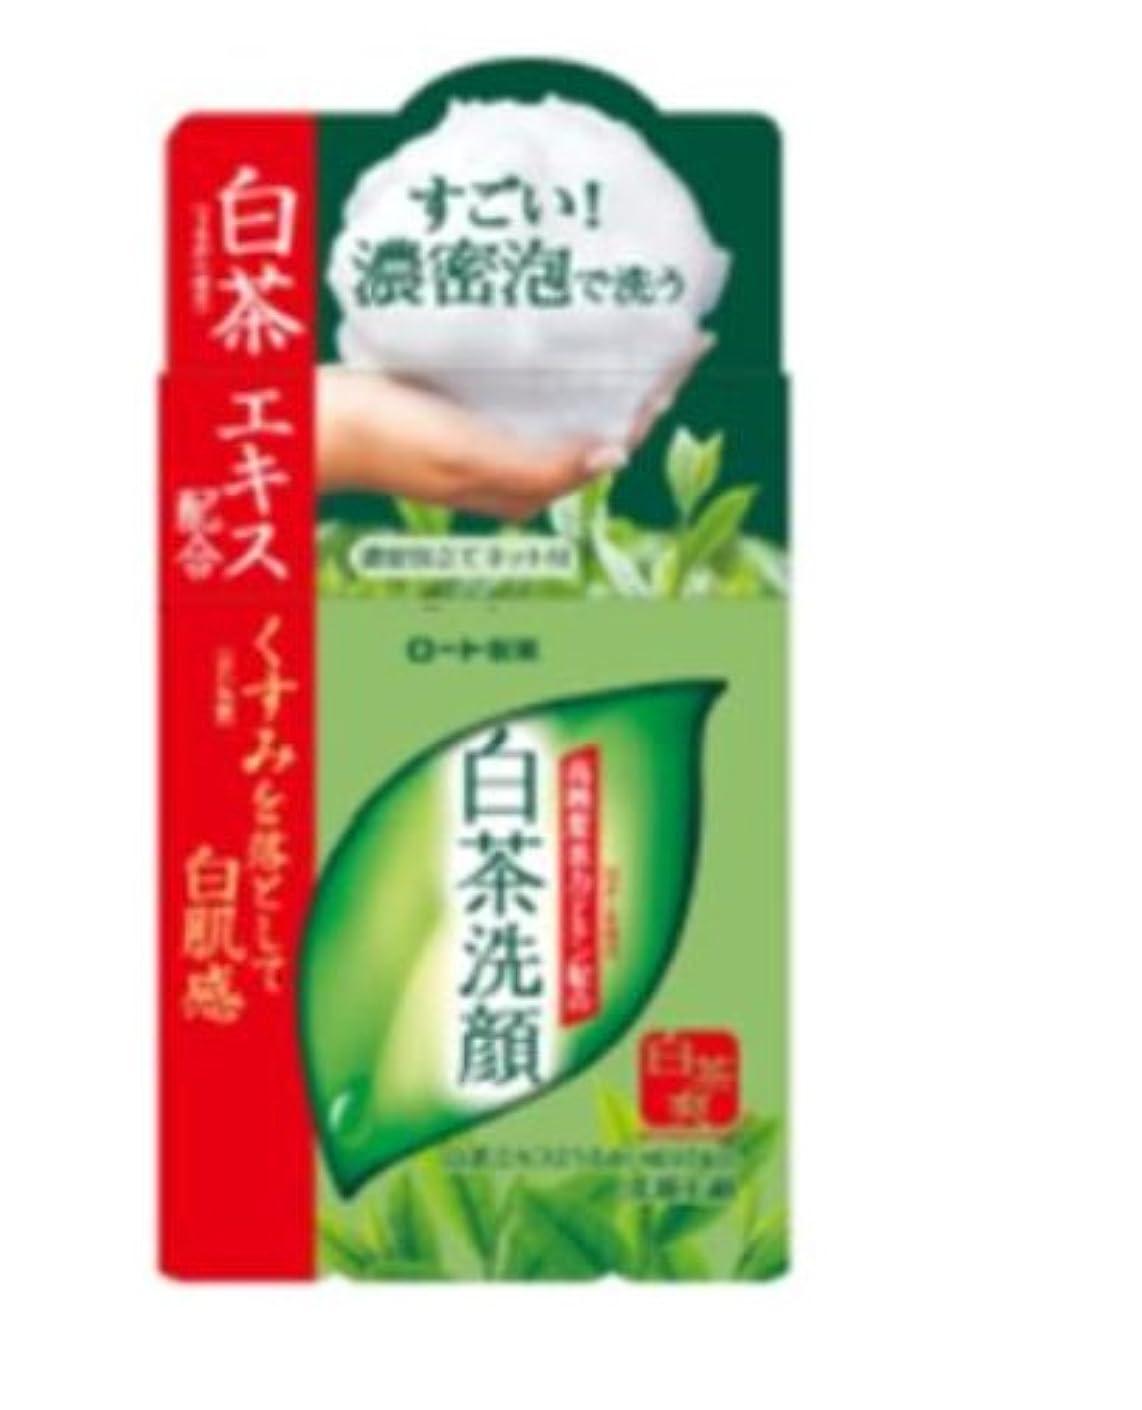 増幅するアトラス匹敵しますロート製薬 白茶爽 白茶洗顔石鹸 高純度茶カテキン配合 濃密泡立てネット付 85g